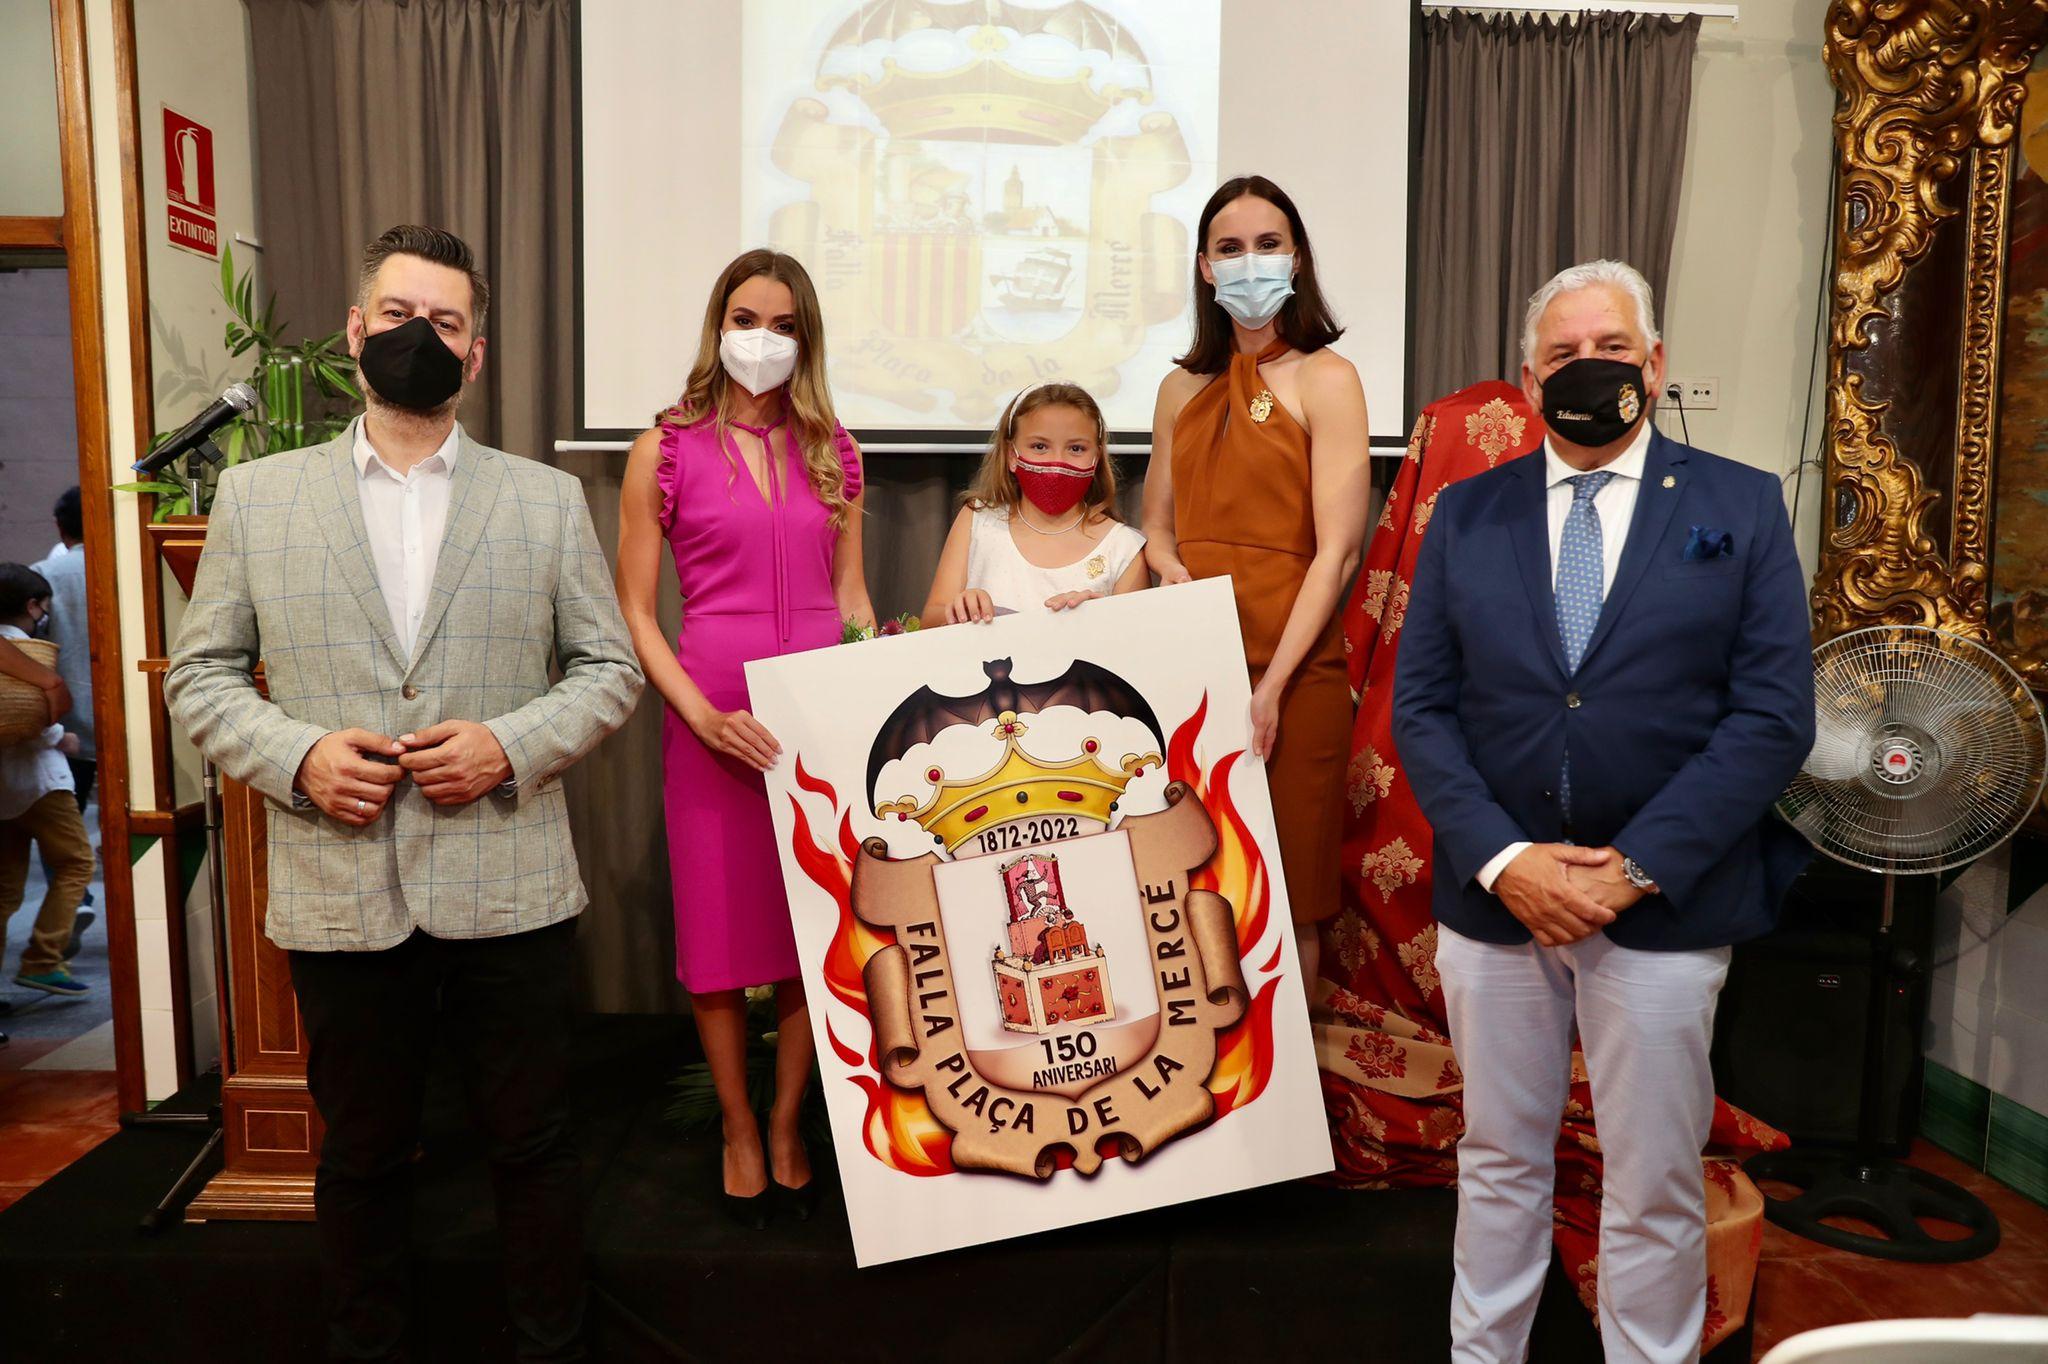 Acto de presentación del logotipo del 150 aniversario Foto: Armando Romero/JCF